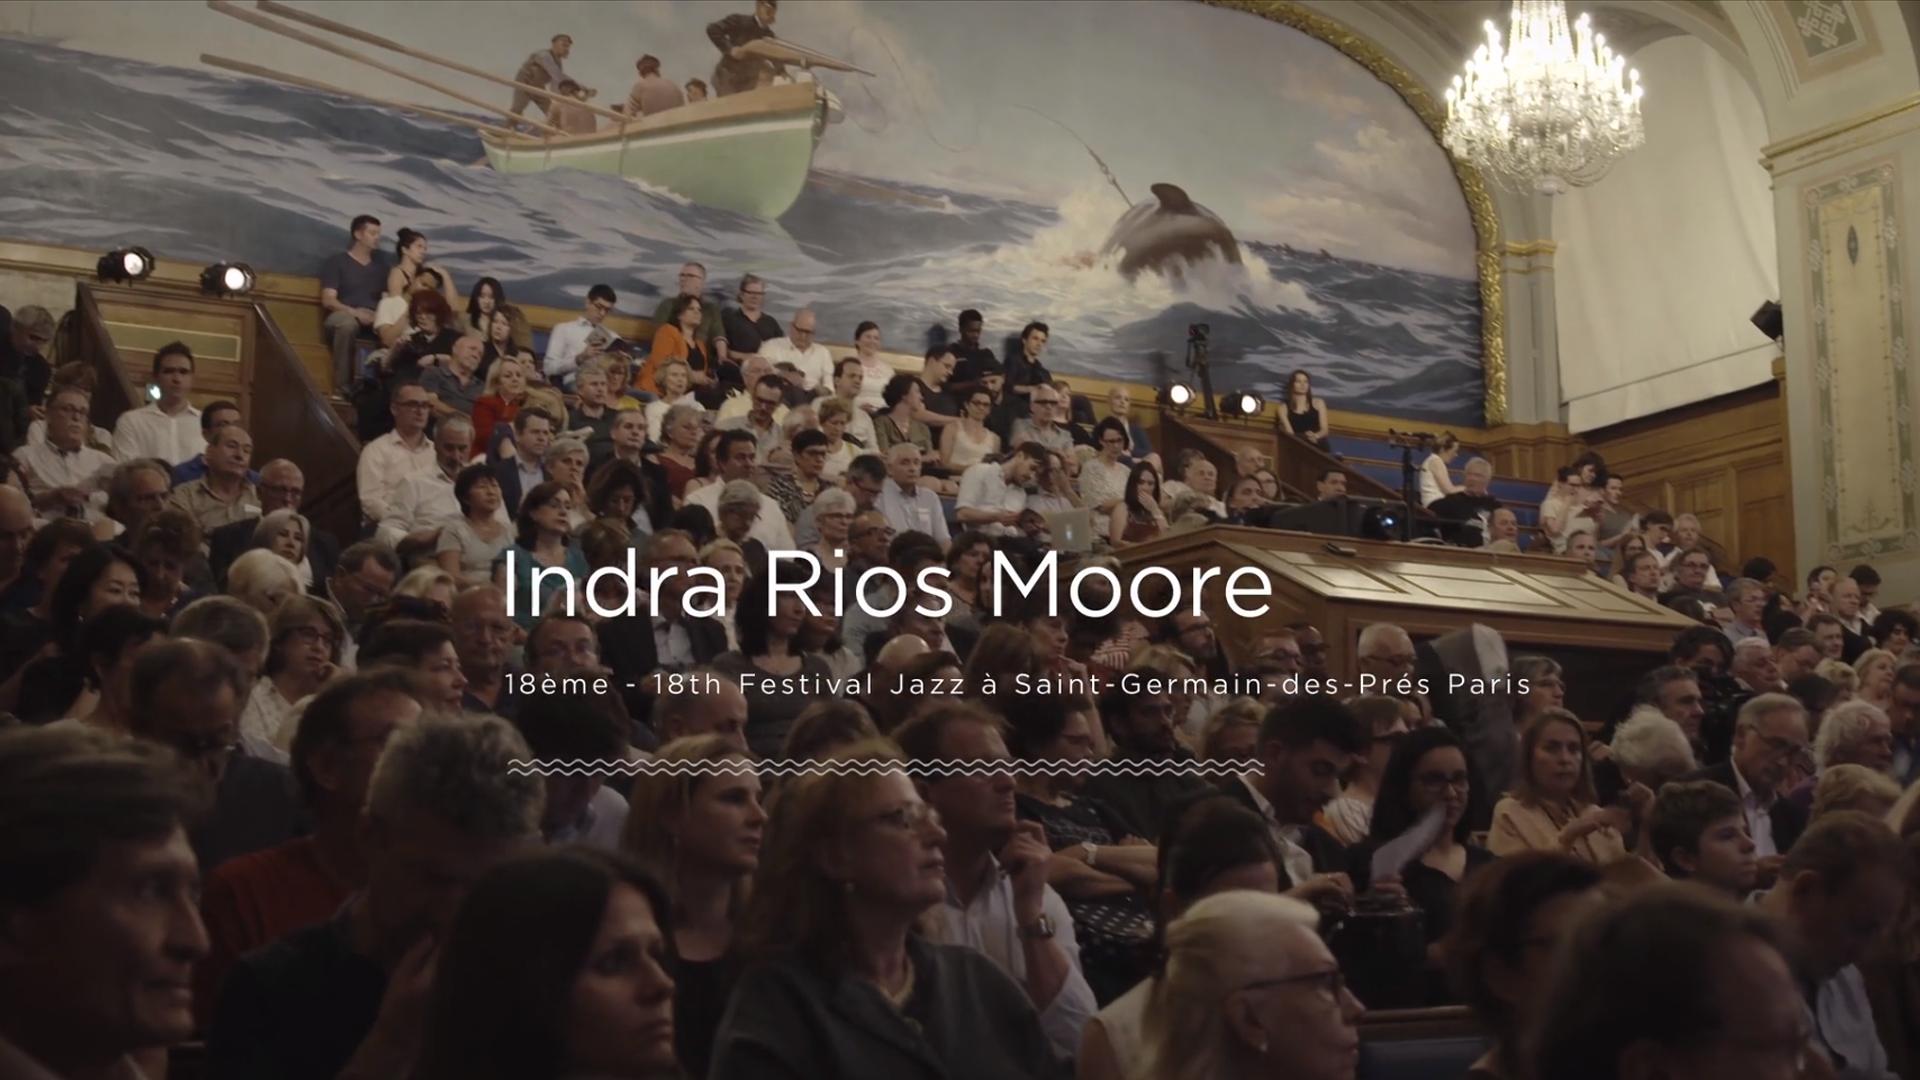 INDRA RIOS MOORE - CONCERT 88'